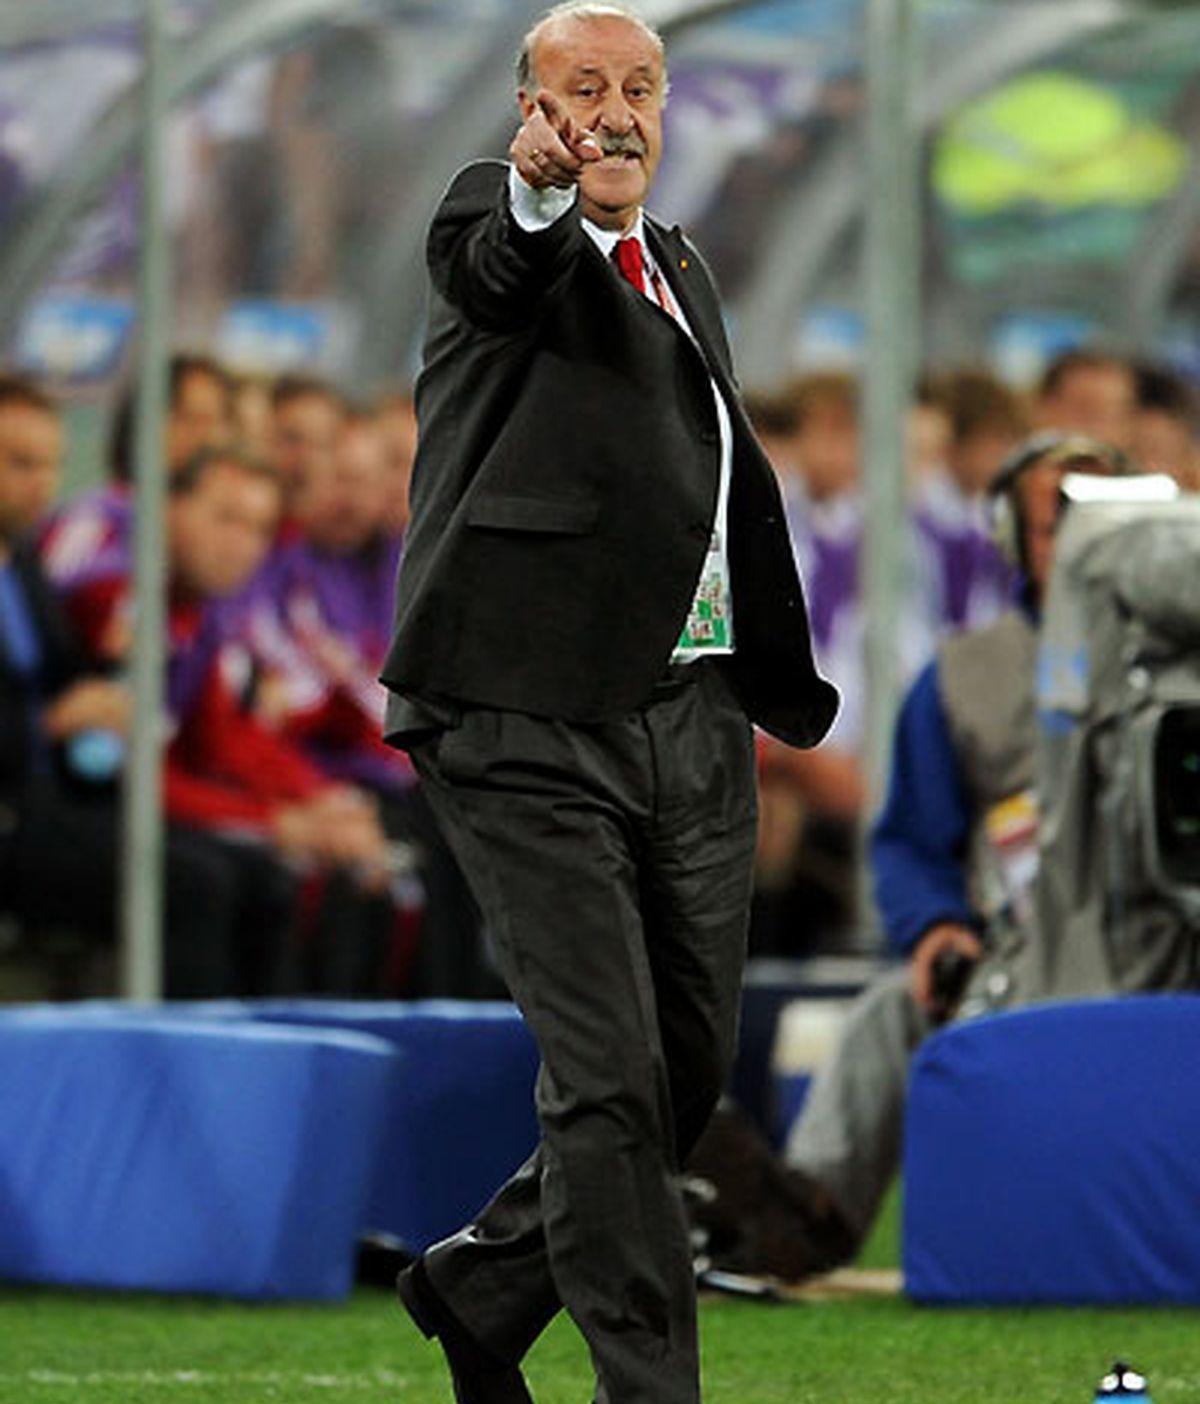 Vicente del Bosque entrará en la historia como el primer seleccionador en meter a España en una final de Mundial. VÍDEO: Informativos Telecinco.